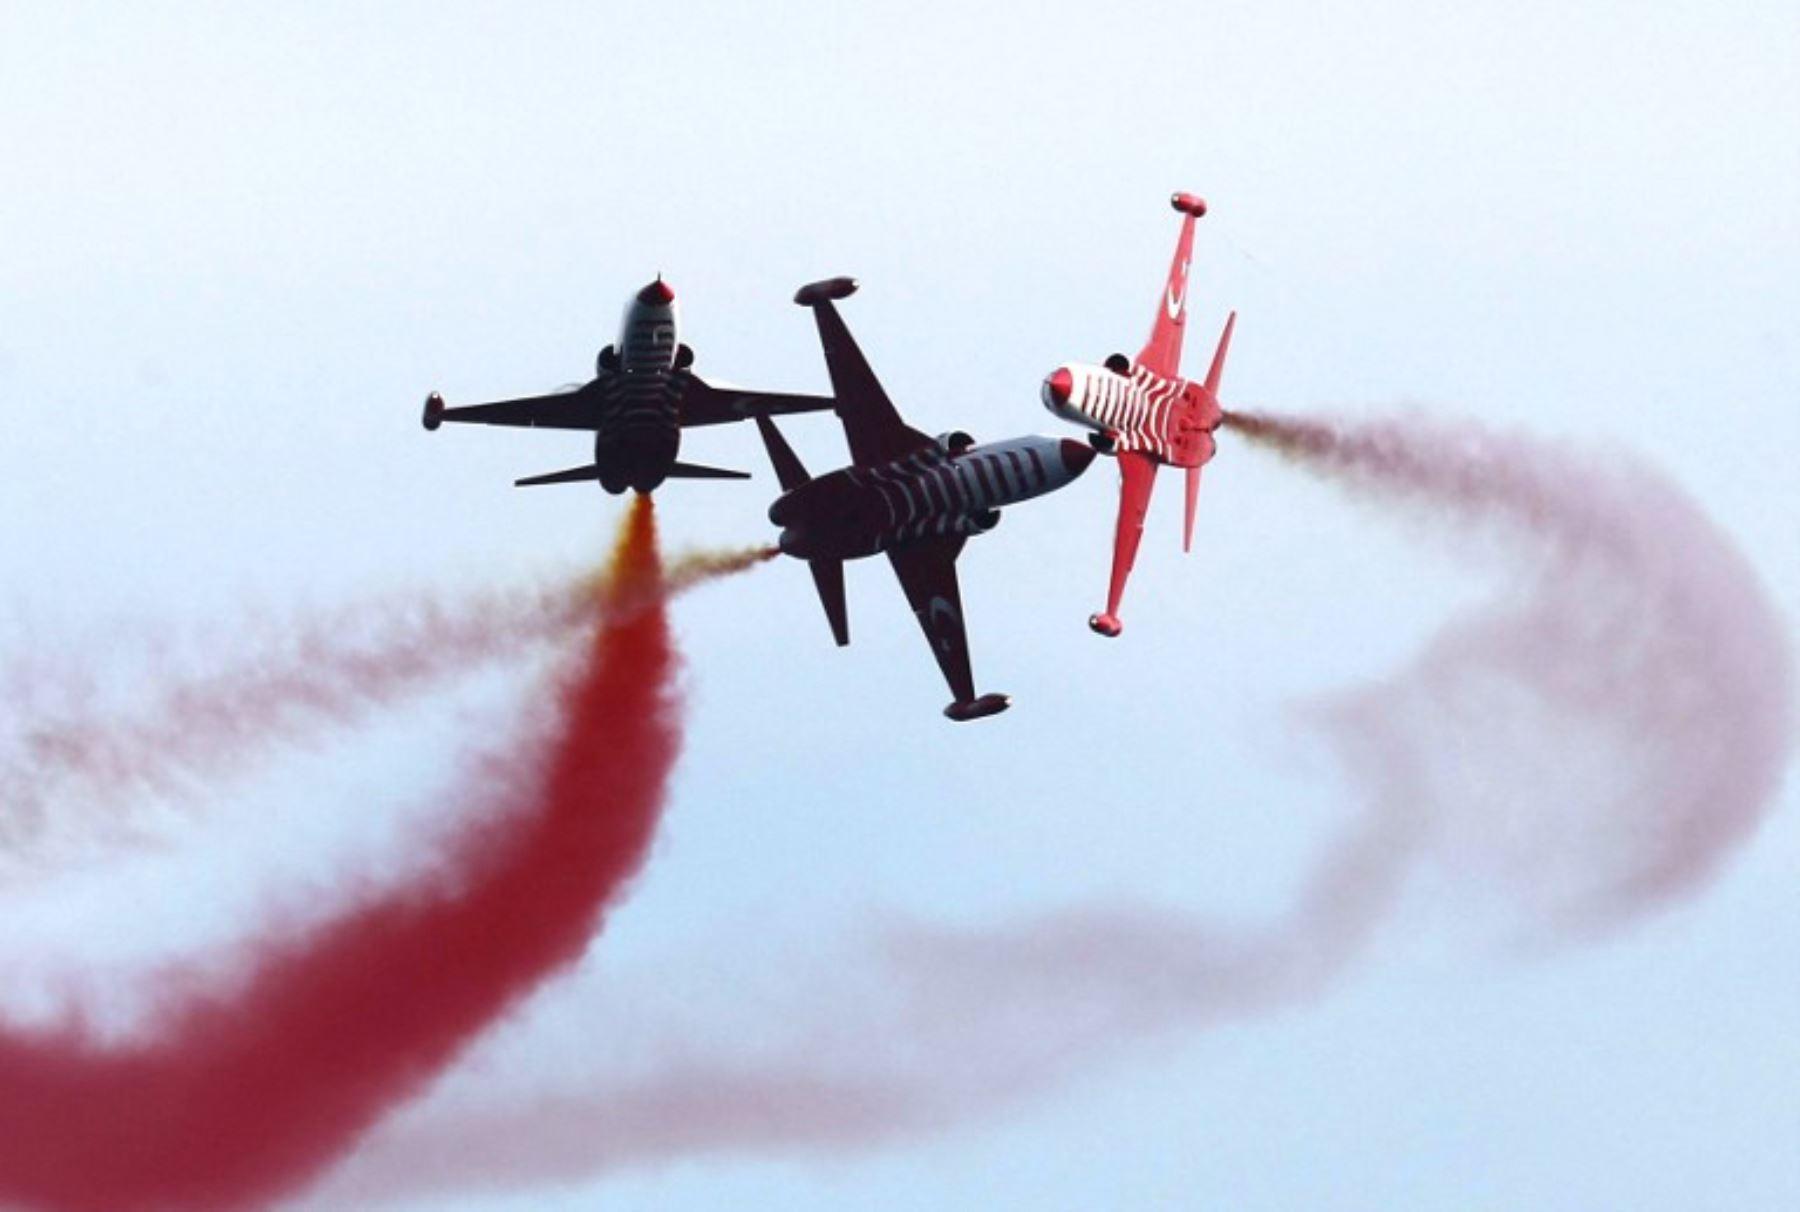 Equipo acrobático de la Fuerza Aérea, Estrellas turcas, vuelan sus Fighters Northrop F-5 Freedom durante la ceremonia de conmemoración que marca el 100 aniversario del inicio de la batalla de Gallipoli.Foto:AFP